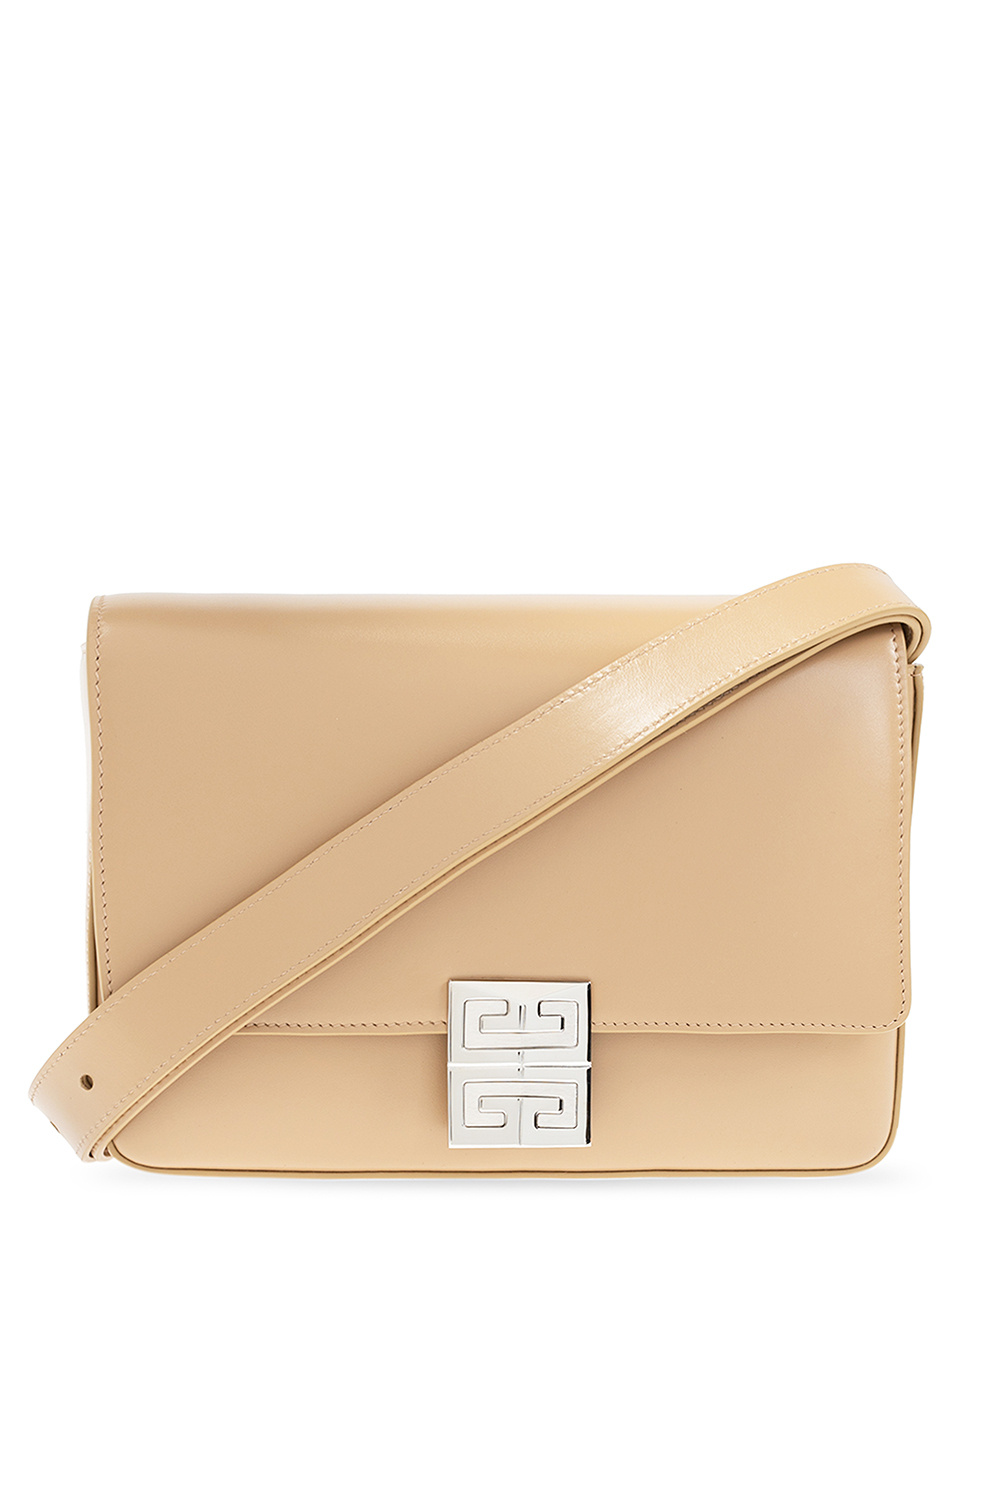 Givenchy '4G Medium' shoulder bag